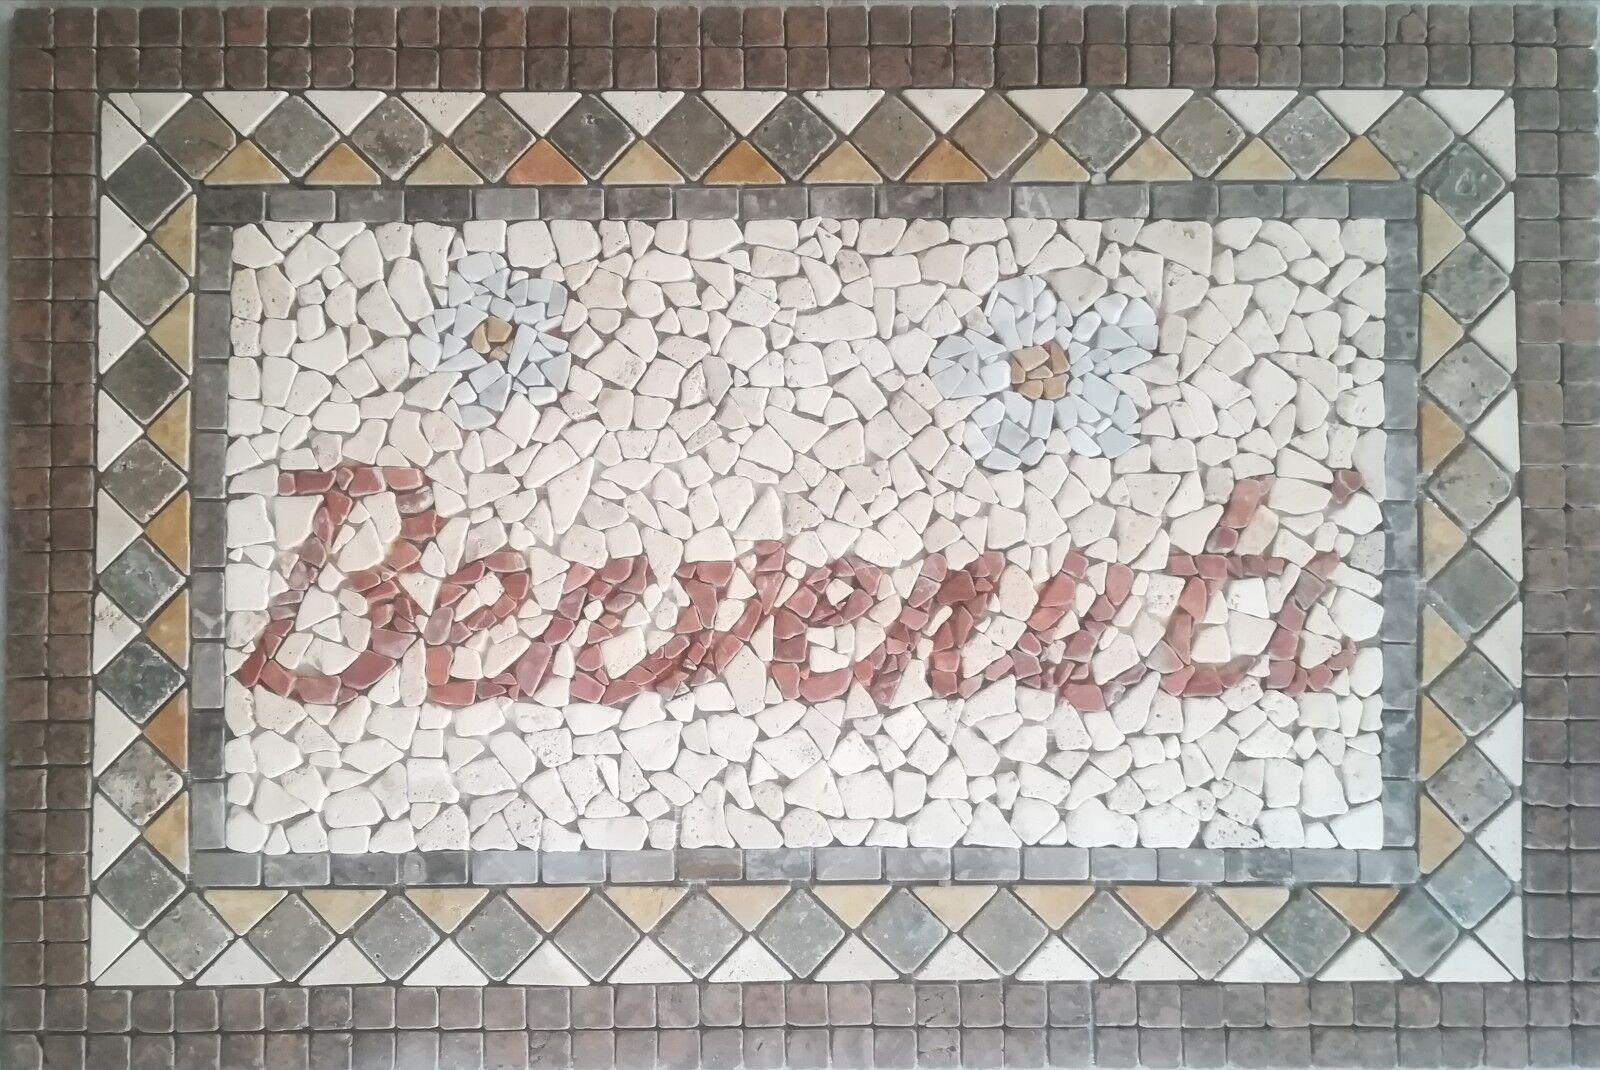 Rosoni rosone mosaico 120x80 incollata su rete Cod benvenuti